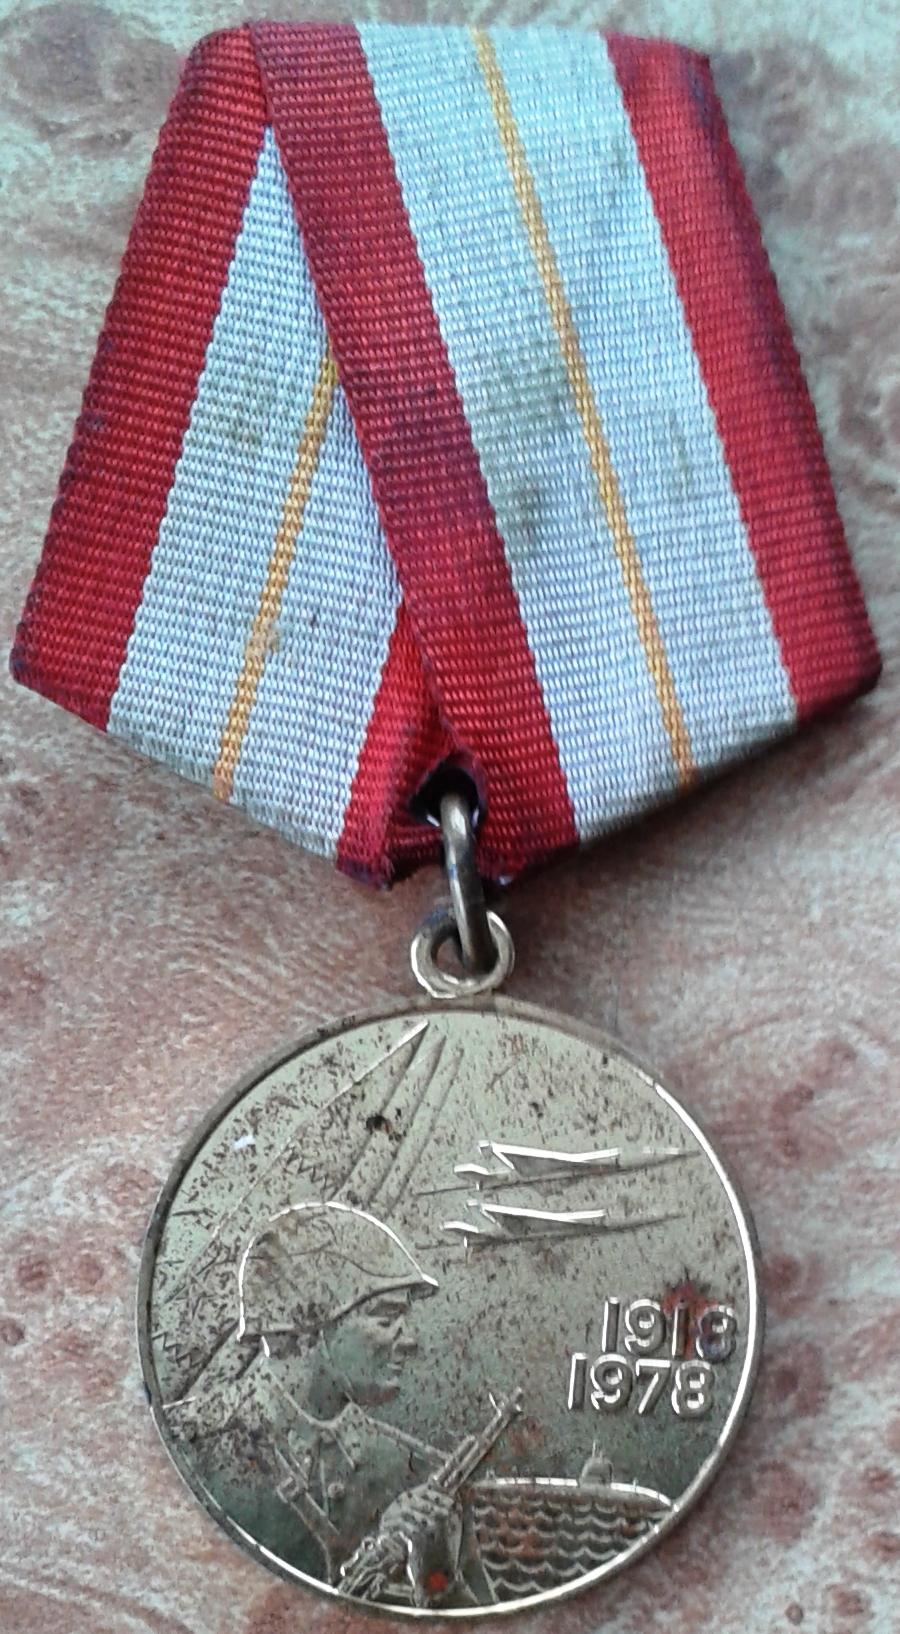 99. Медаль 60 лет Вооруженных Сил, Барыкин ПП, 1979